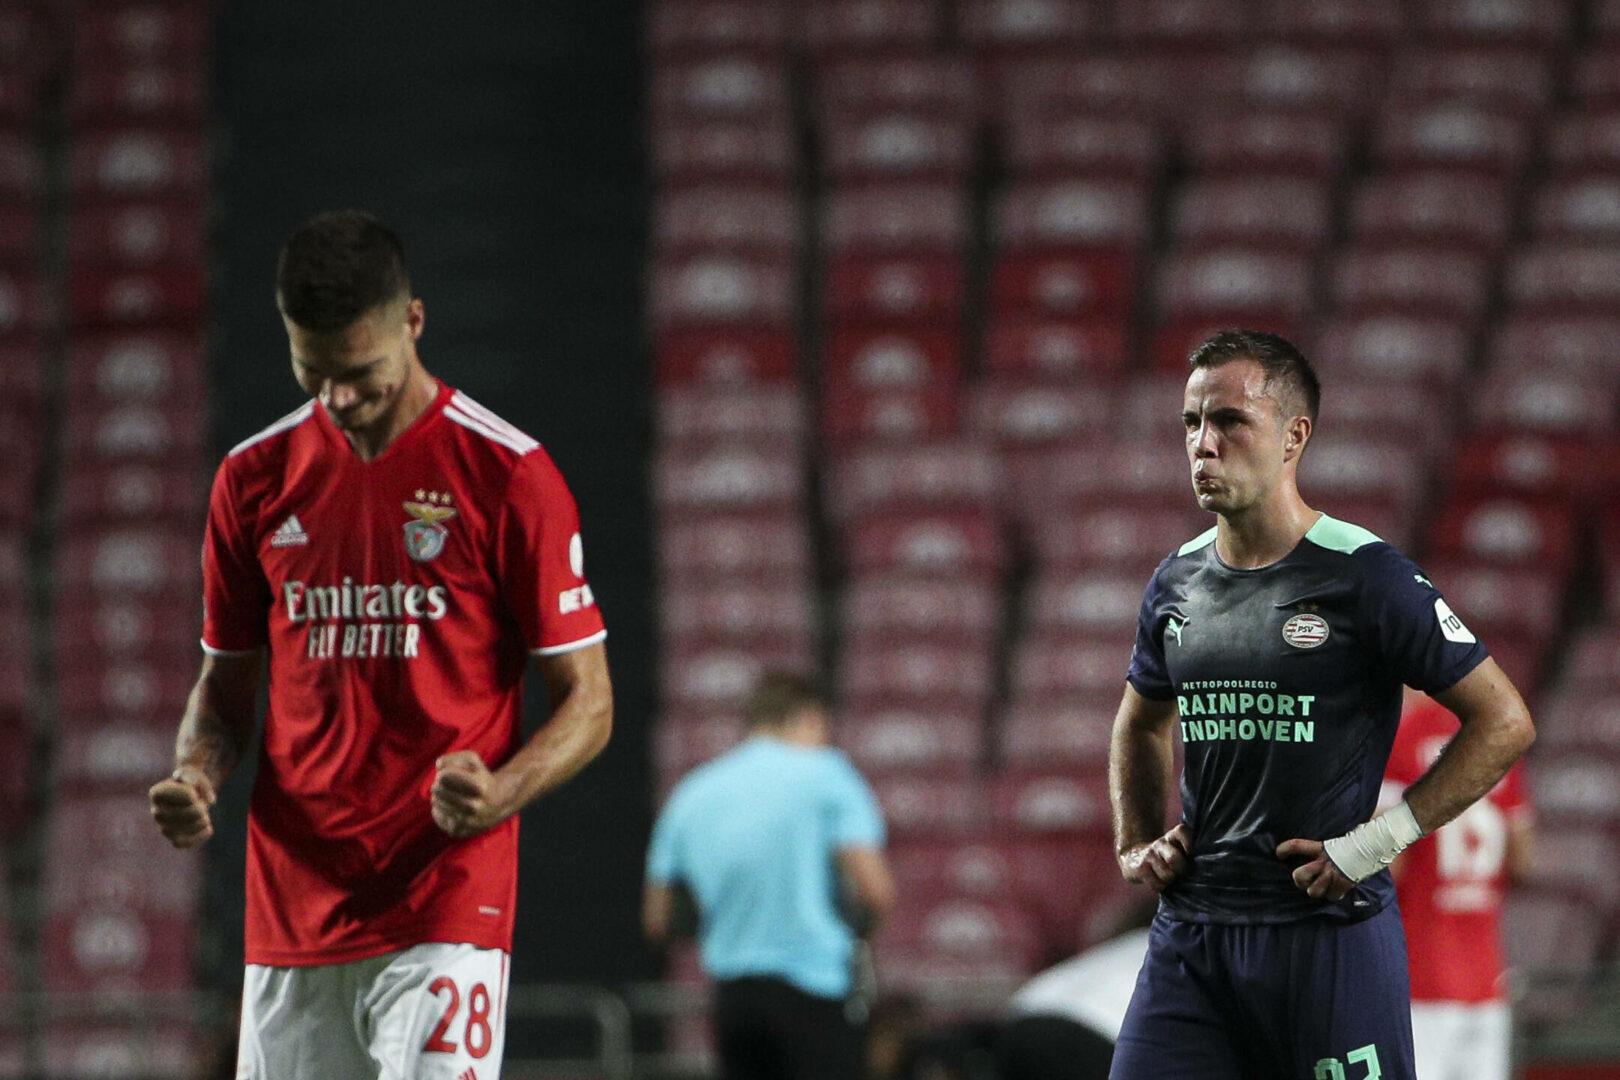 Benficas Julian Weigl bejubelt seinen Treffer, Eindhovens Mario Götze ärgert sich im Hintergrund